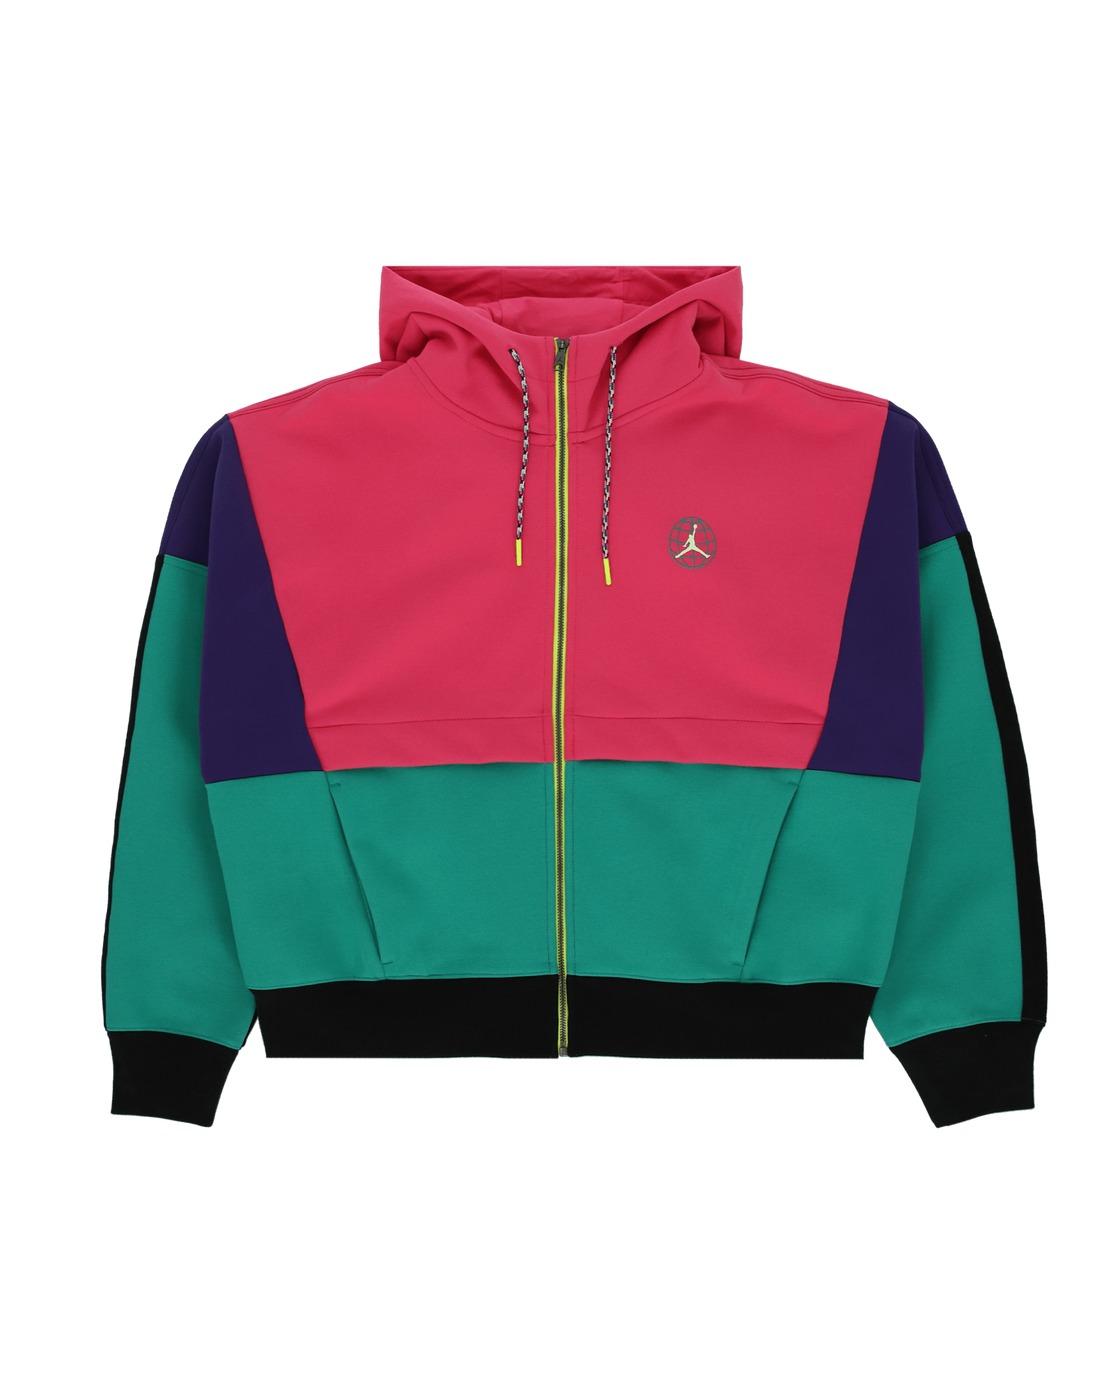 Nike Jordan Winter Utility Hooded Sweatshirt Watermelon/Court Purple